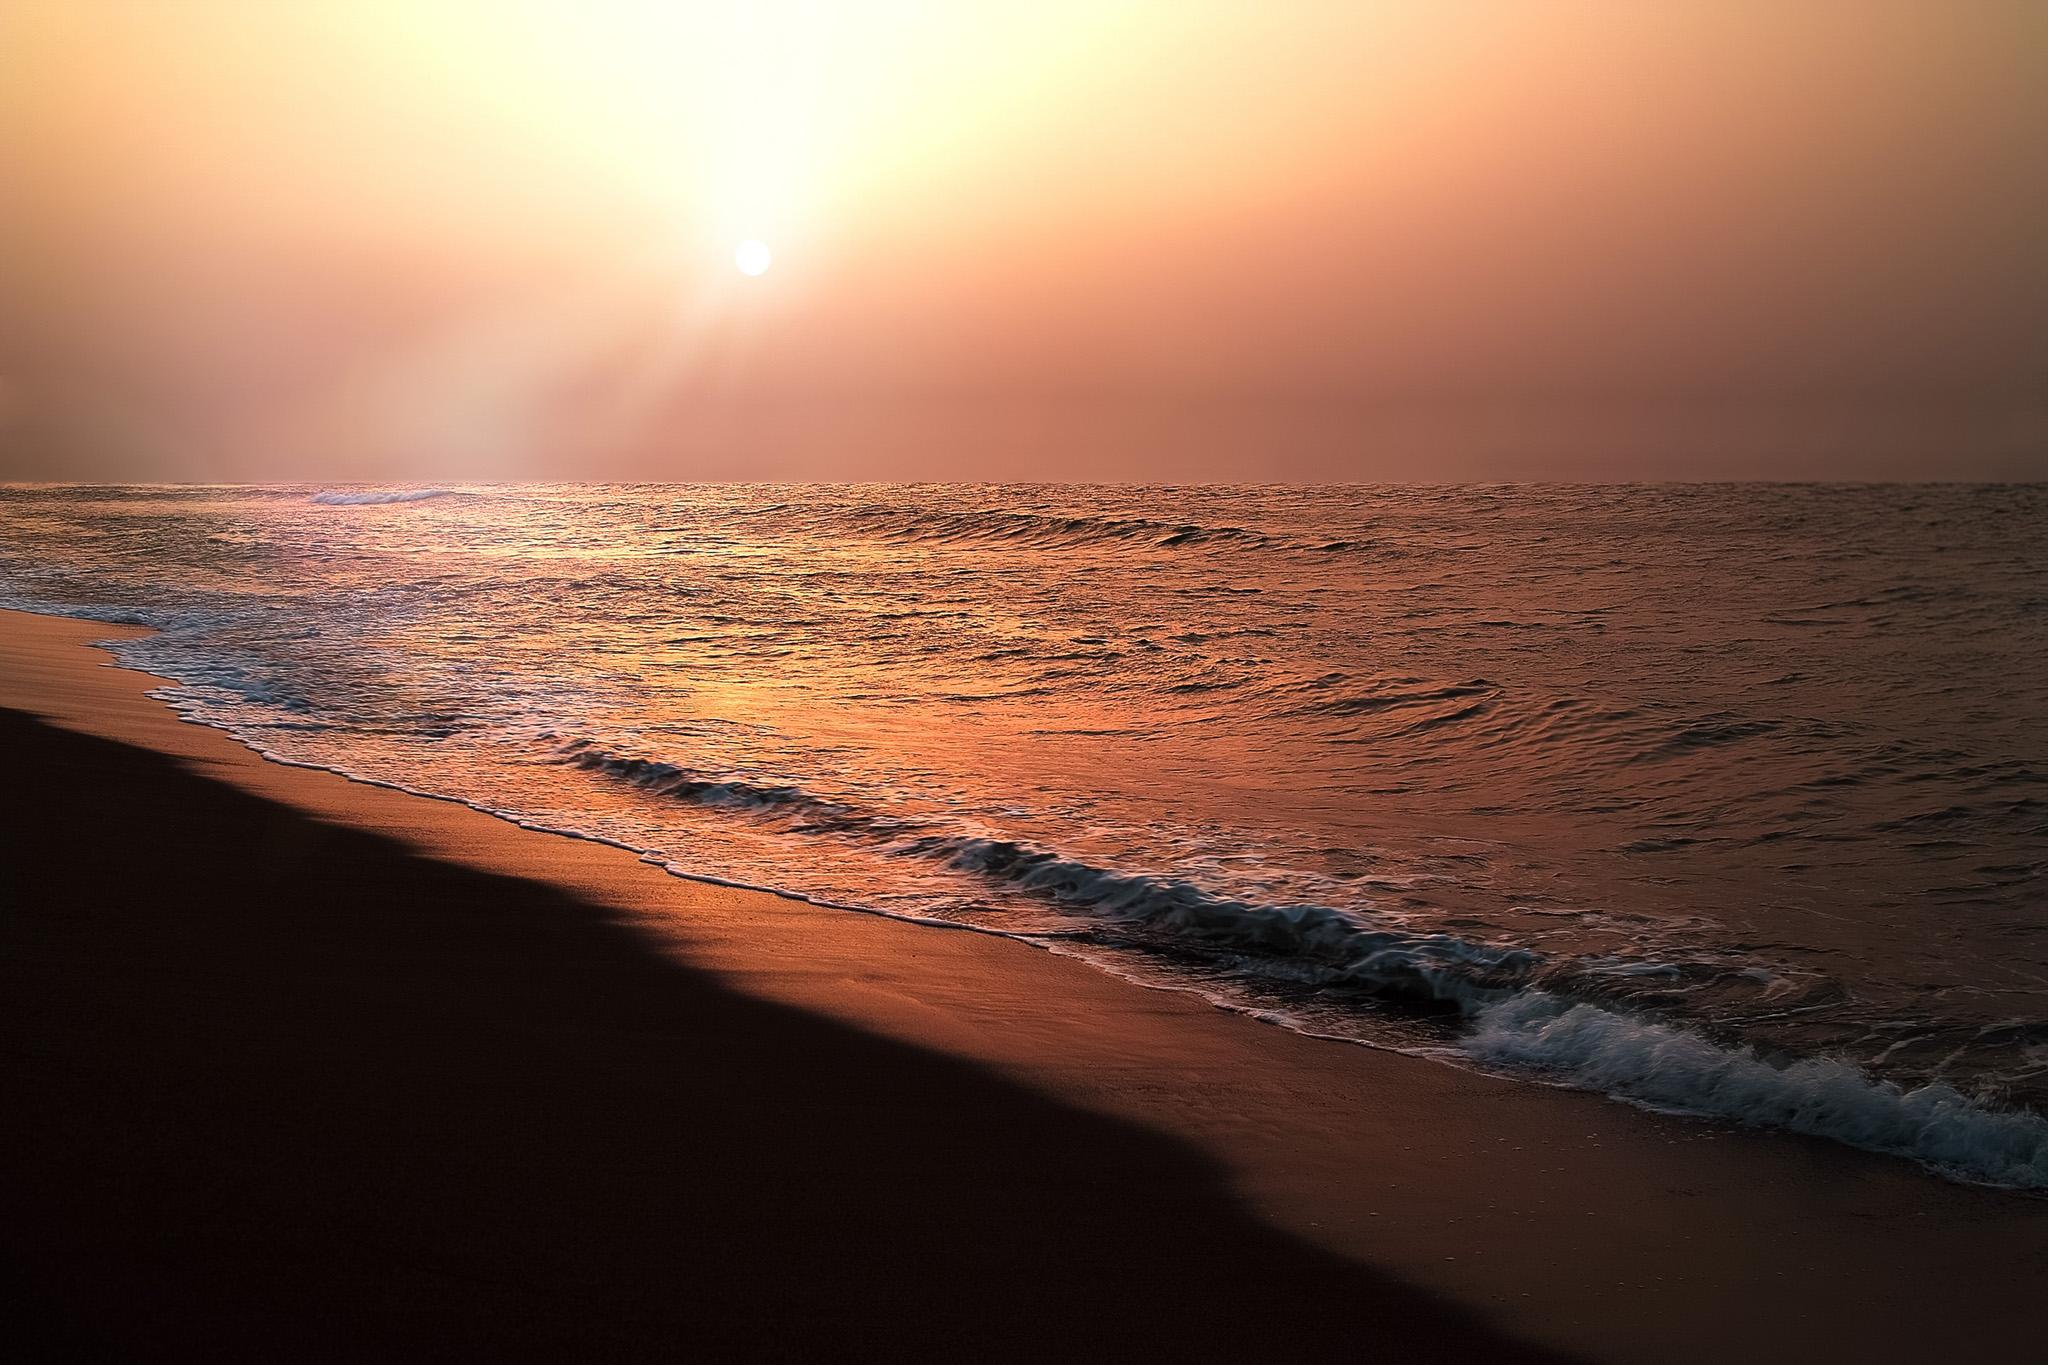 「夕日が沈む感動的な海」